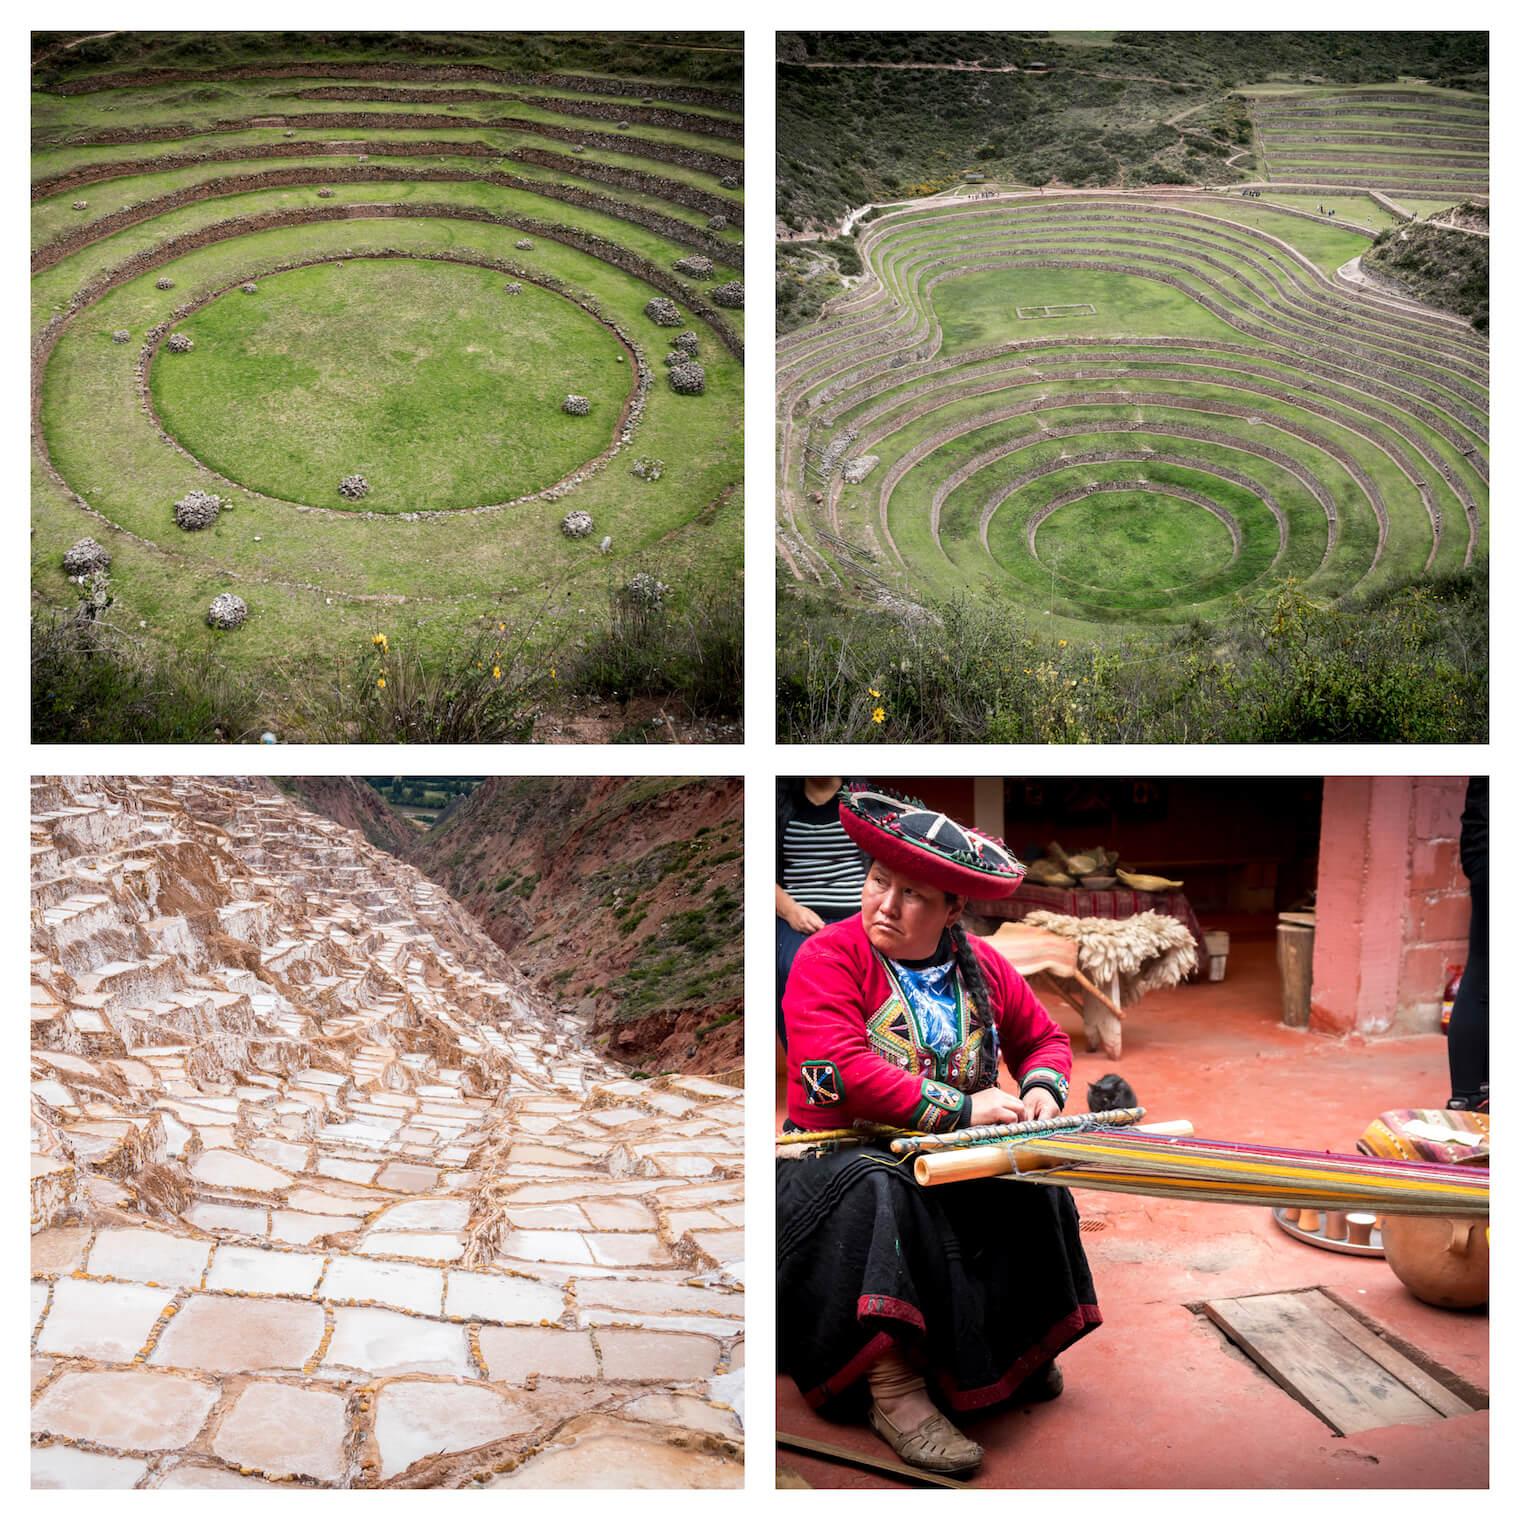 4 Fotos: Duas com construções circulares com grama ao redor e em diferentes alturas. Na esquerda inferior, uma salina com vários tanques de sal. Na direita inferior, uma mulher tecendo com a lã.